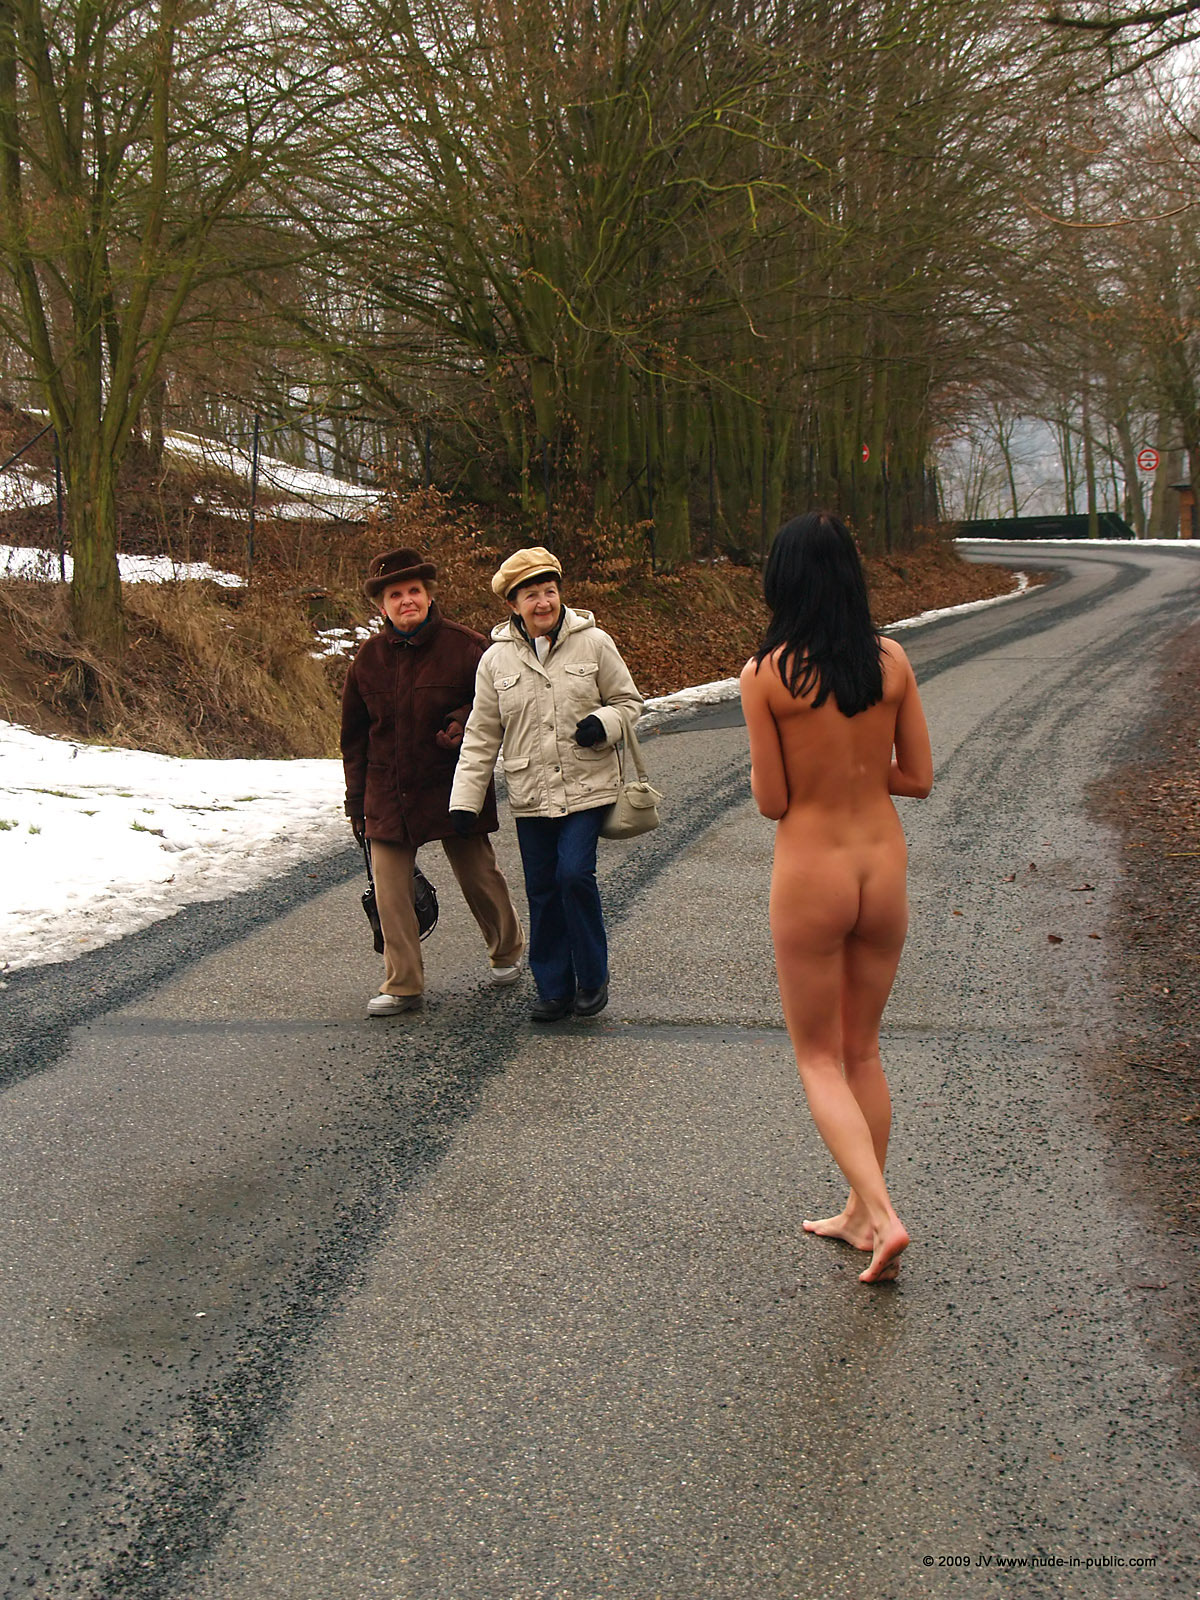 gwen-nude-in-public-02